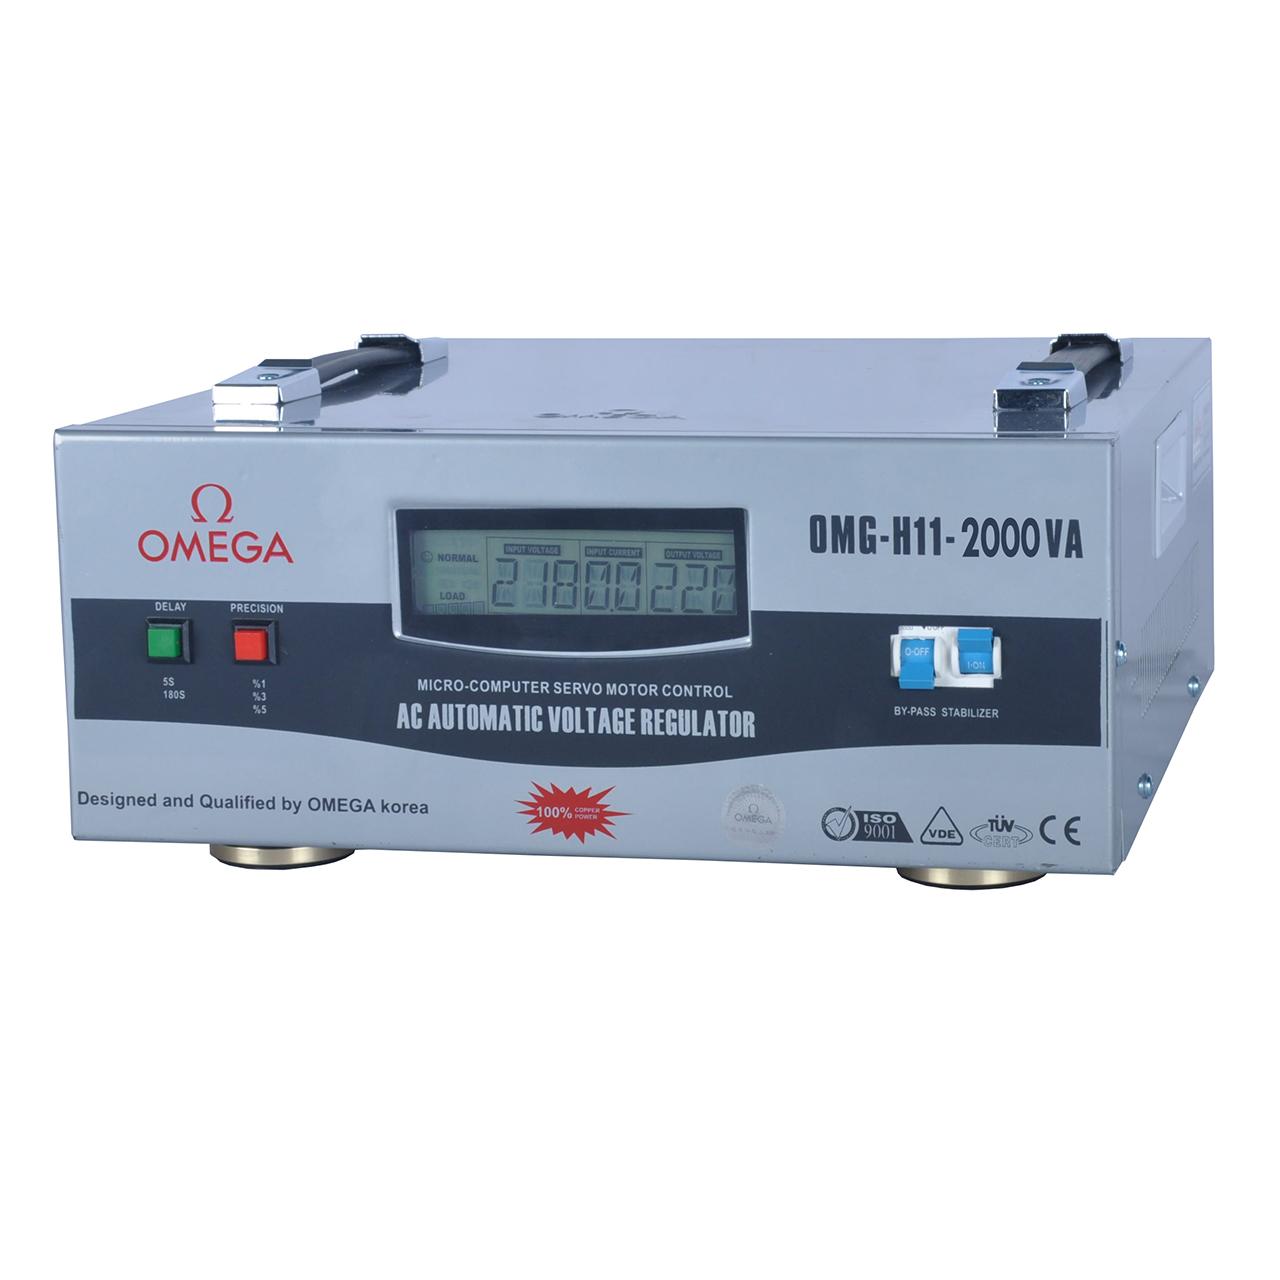 استابلایزر امگا مدل OMG-H11-2KVA ظرفیت 2000VA